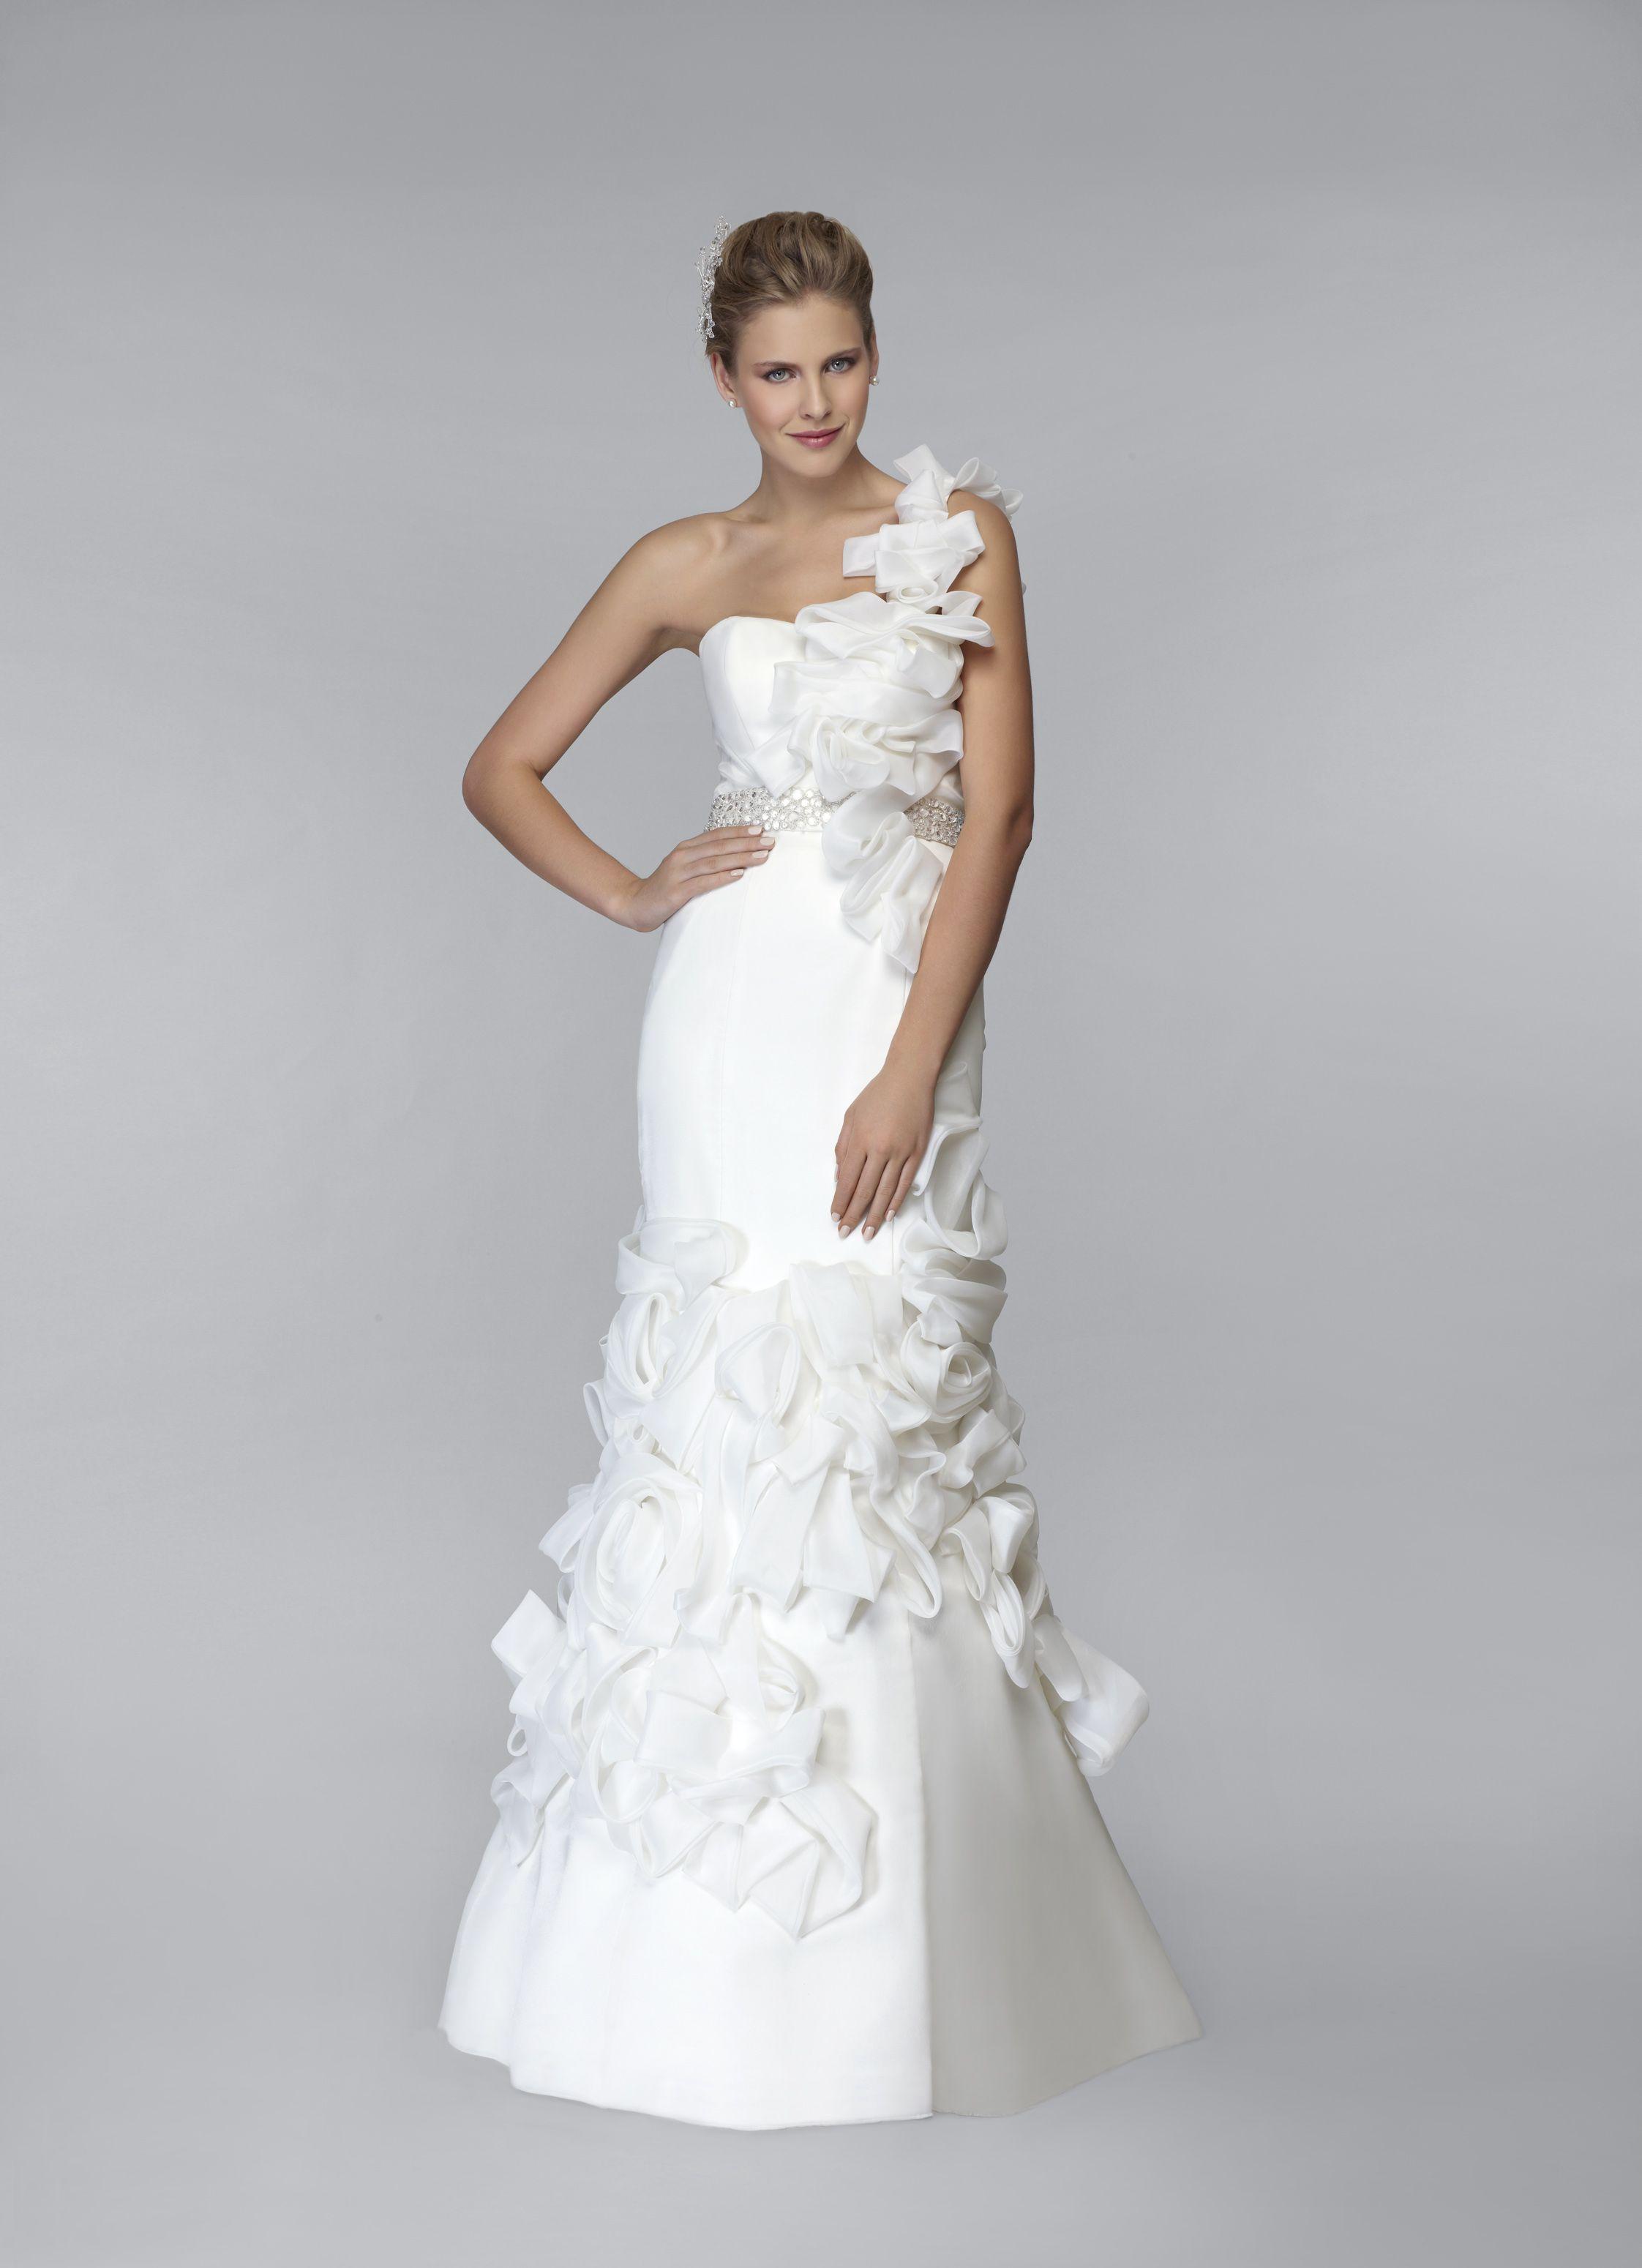 Awesome Oleg Cassini Bridal Gowns Model - Wedding Plan Ideas ...